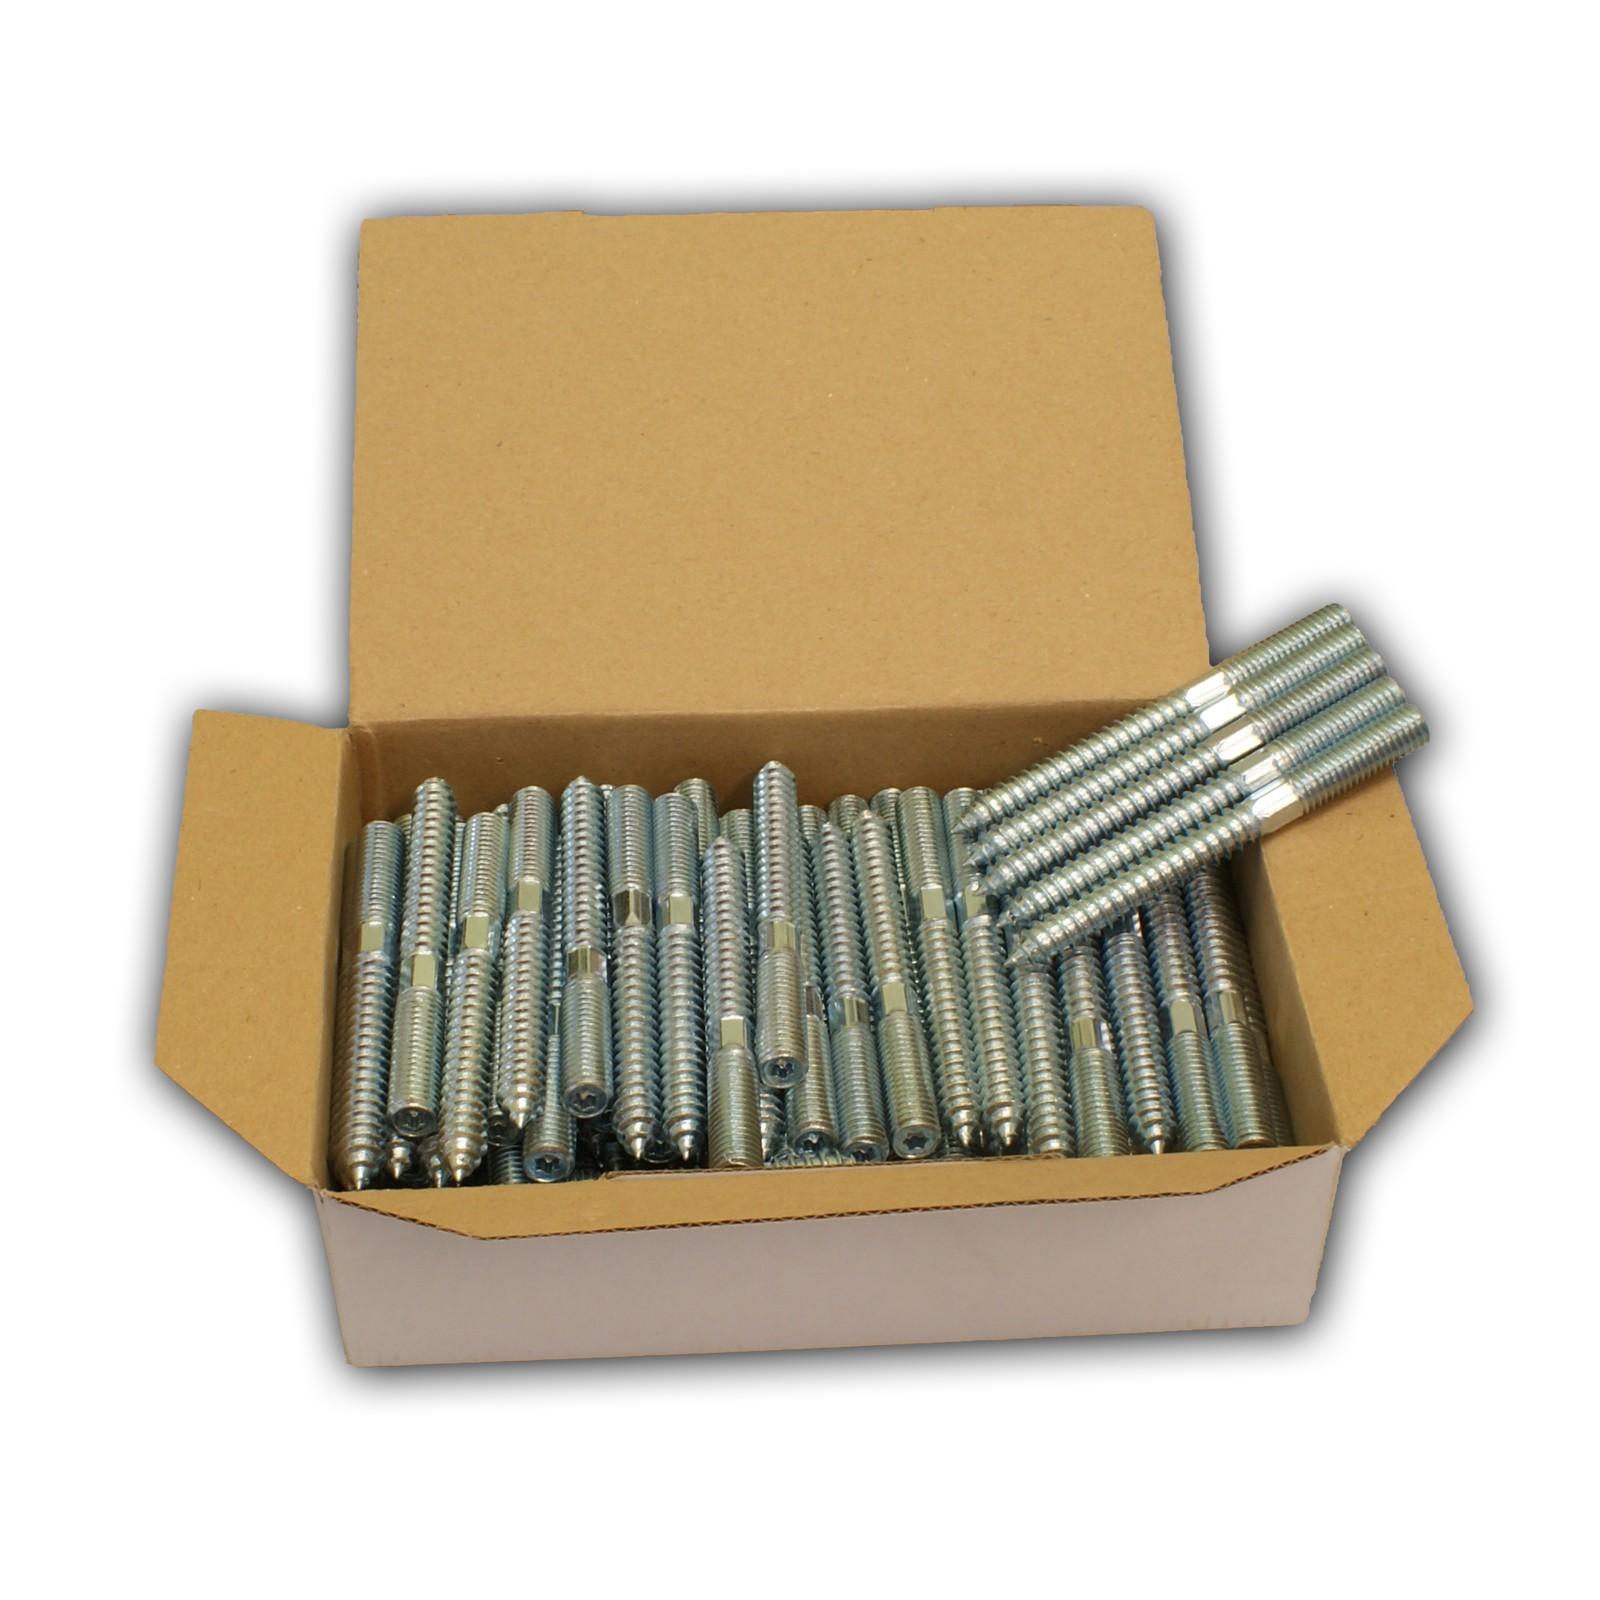 100x Stockschrauben M10 x 60 mm Gewinde Holzschrauben verzinkt